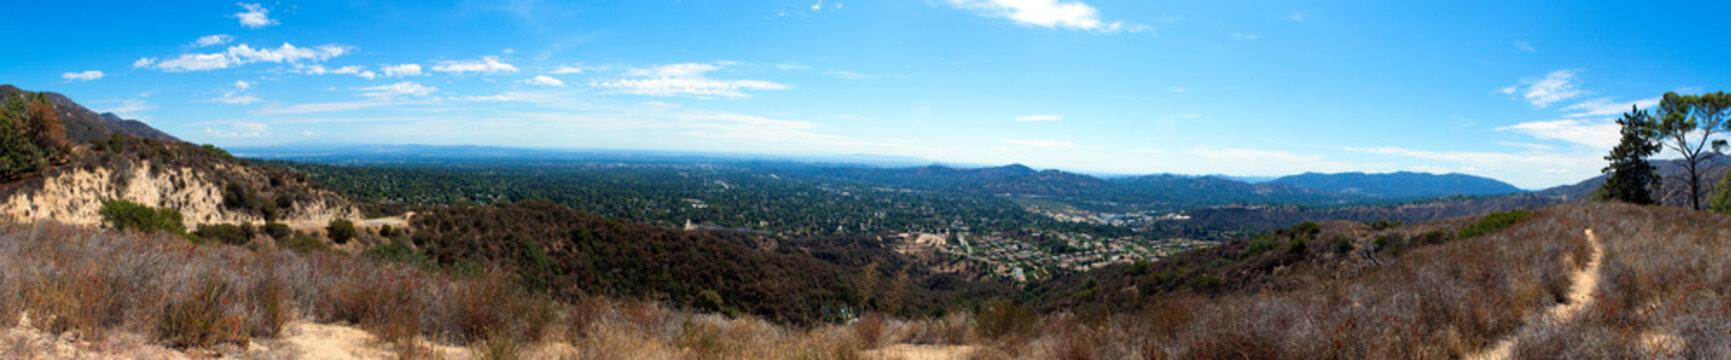 Pasadena/Altadena/Los Angeles Panorama